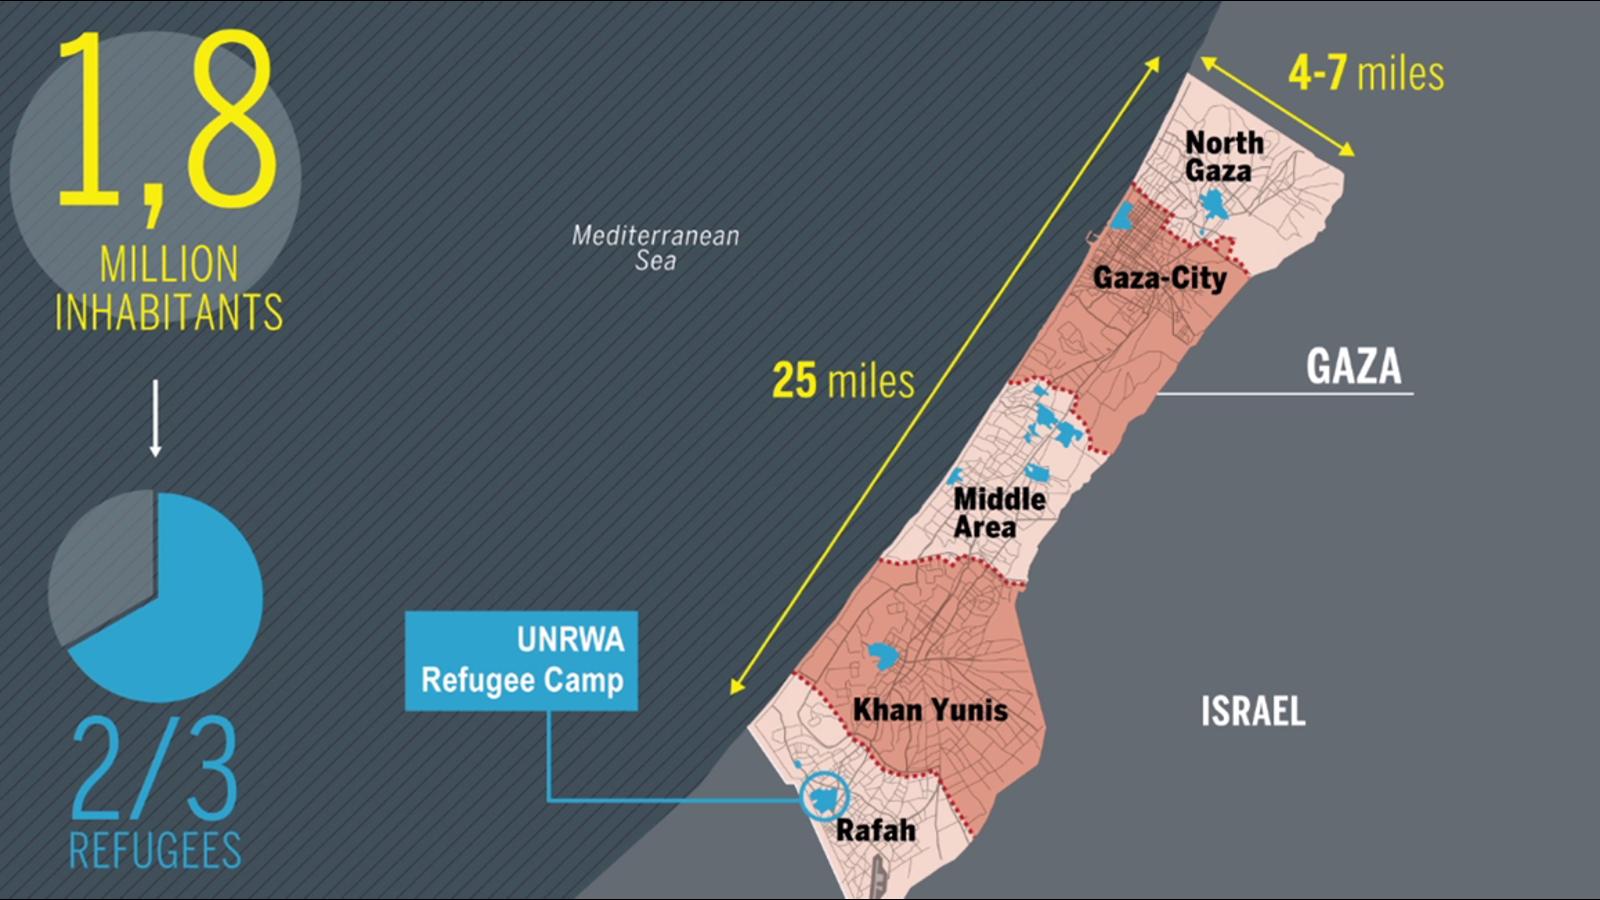 El mejor mapa animado para entender la situación actual de Gaza